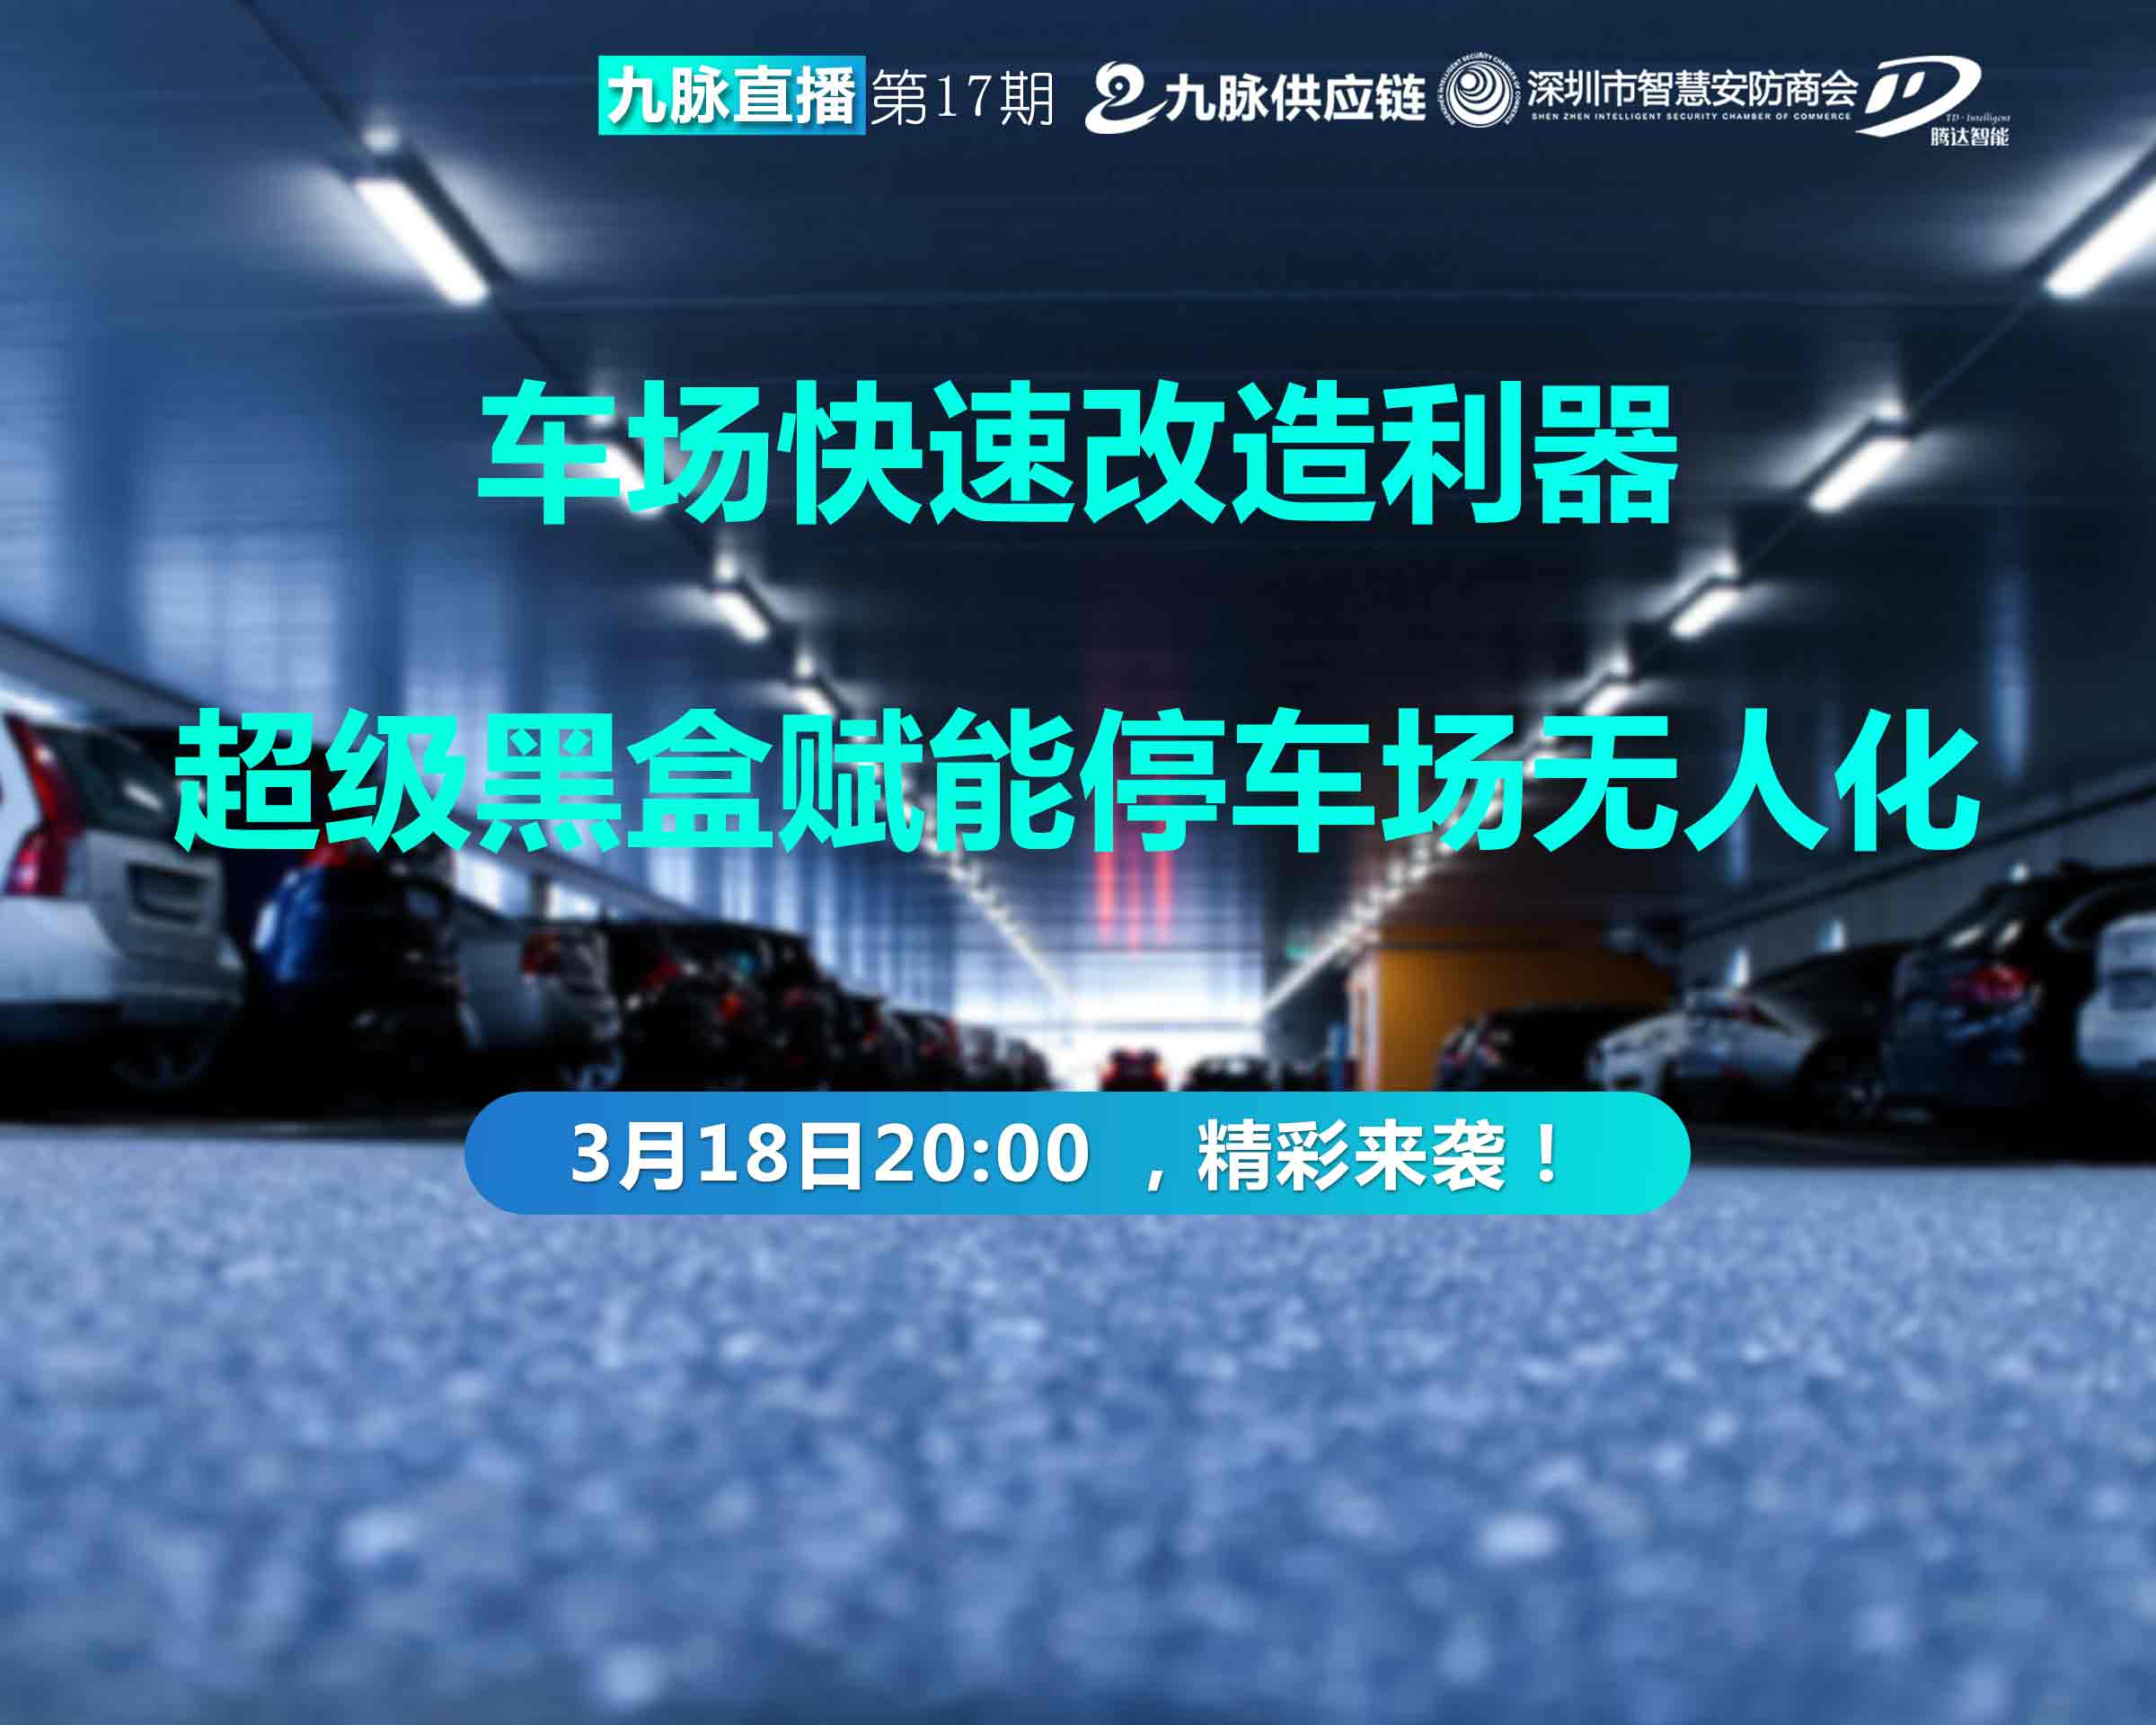 【九脉直播第17期】车场快速改造利器,超级黑盒赋能停车场无人化!